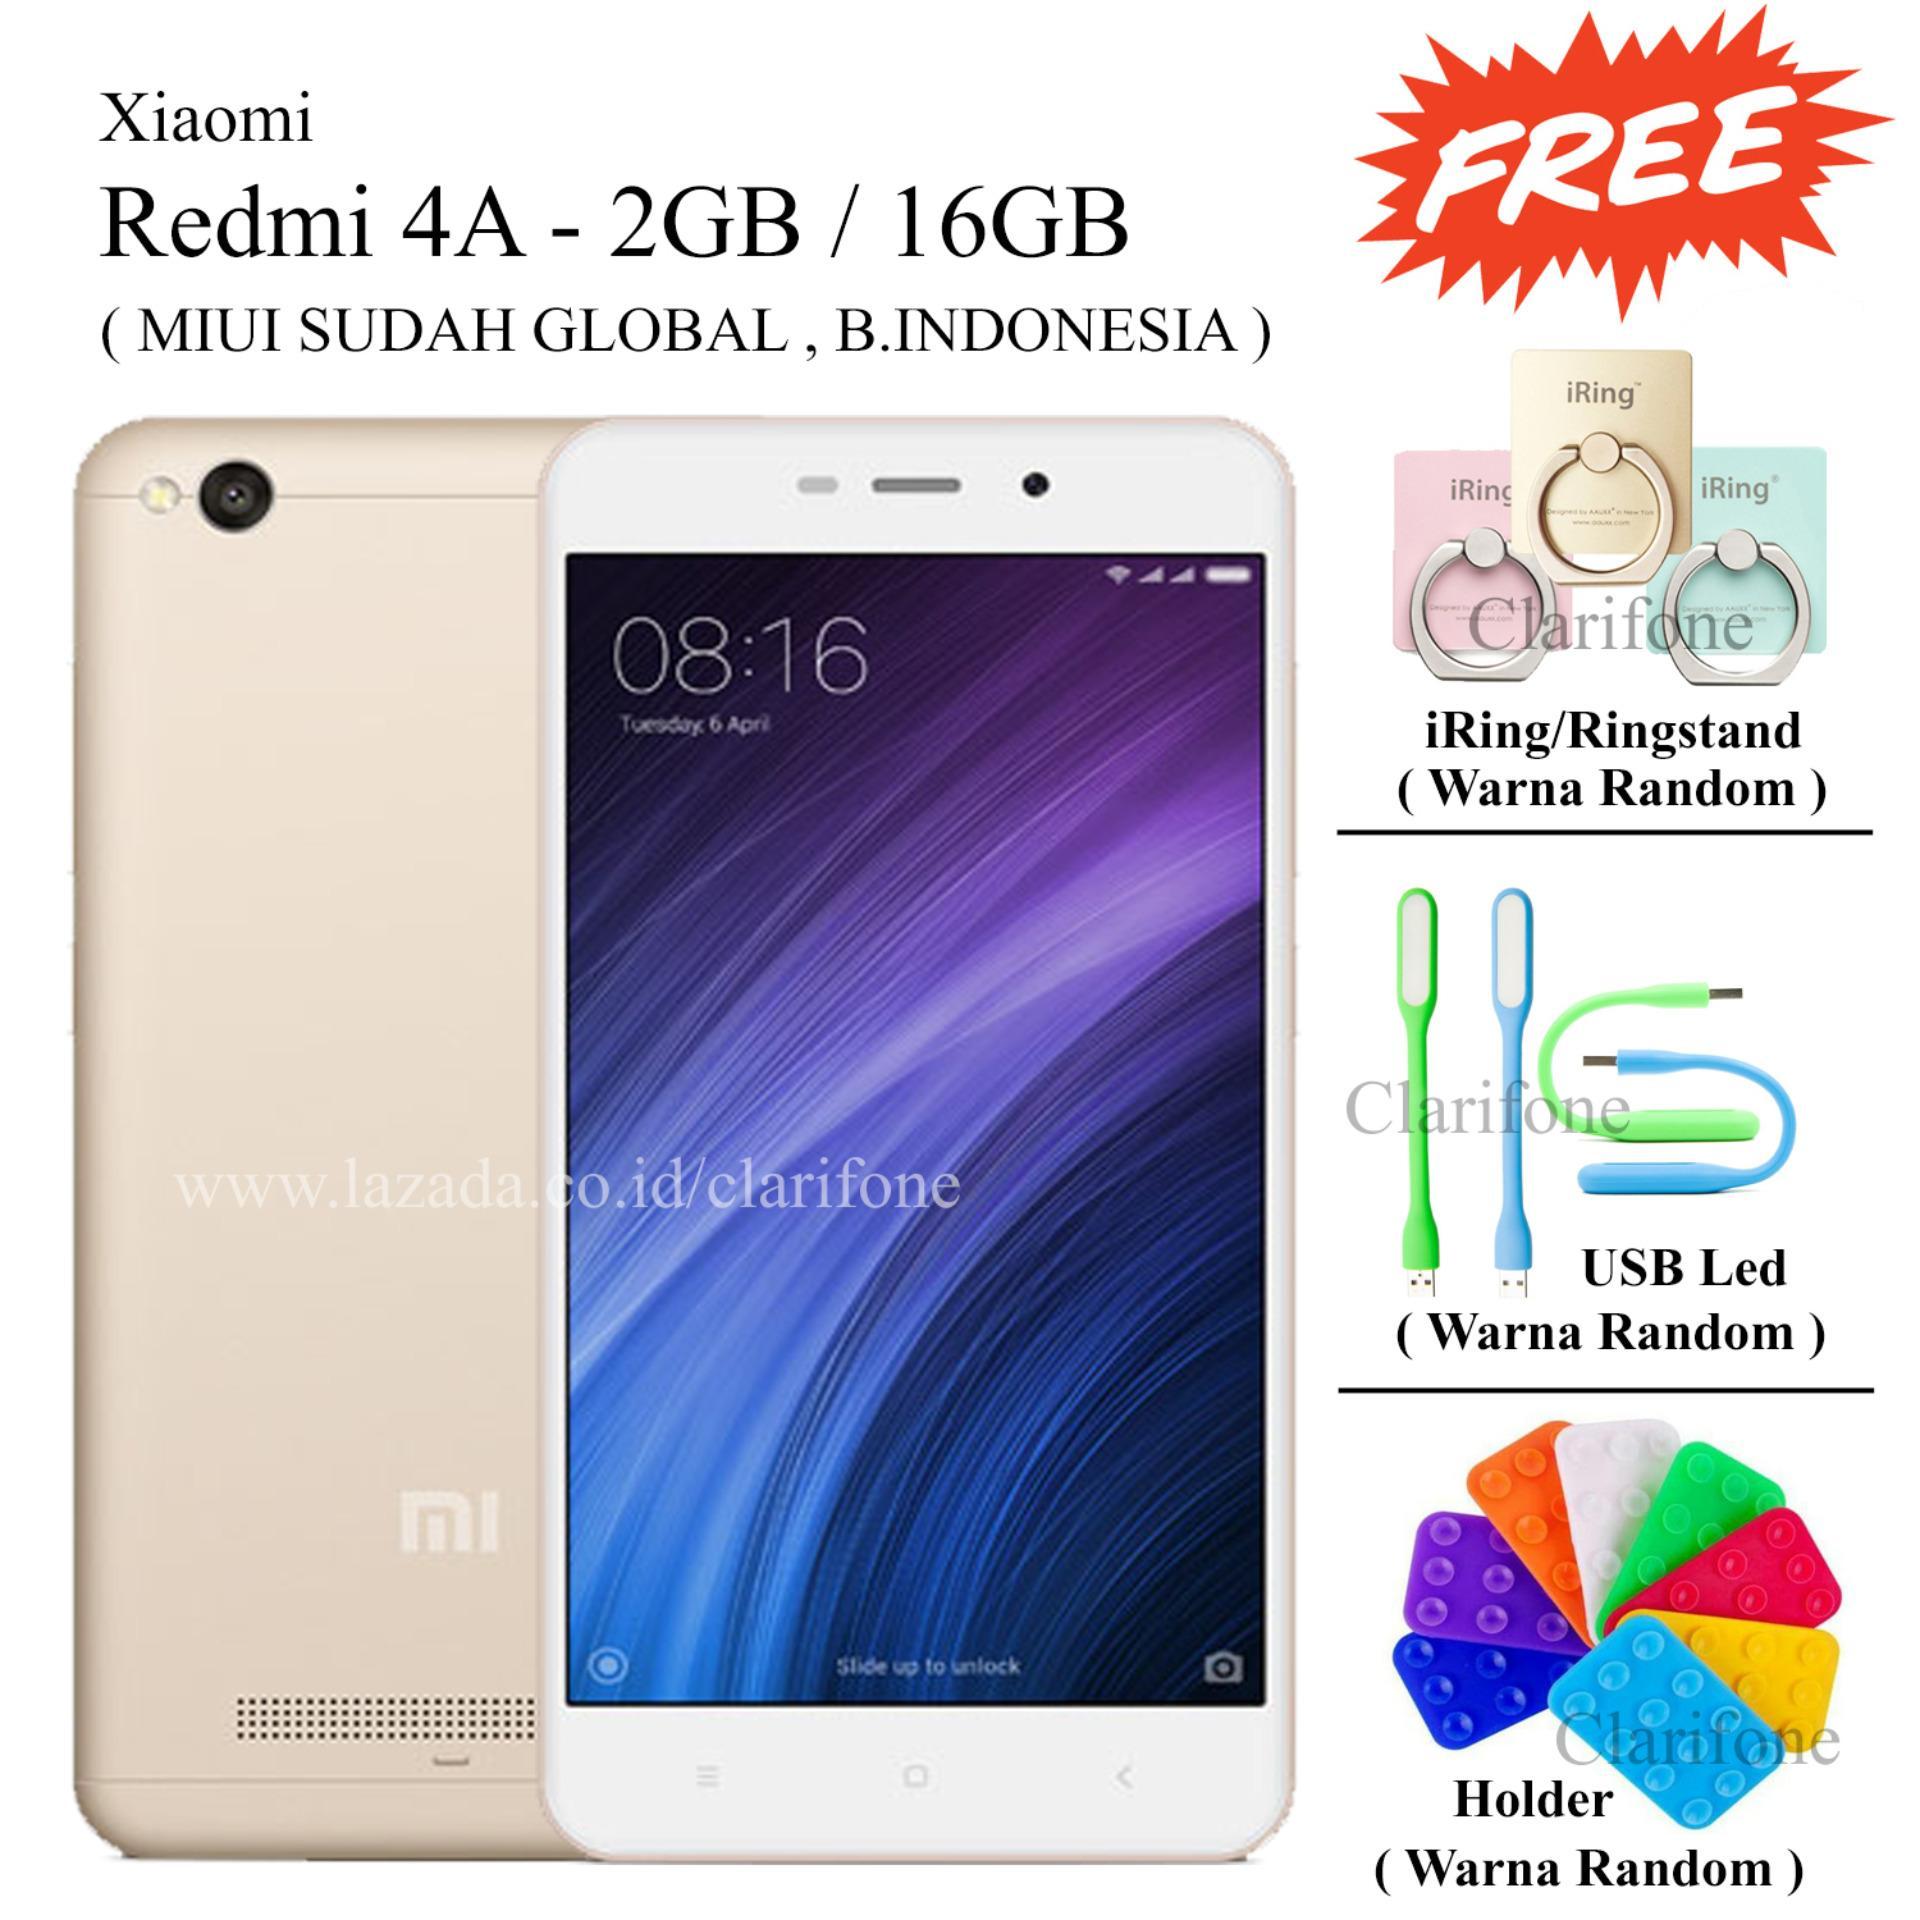 Xiaomi Redmi 4a 16gb Garansi Distributor 1 Tahun Spec Dan Daftar 2 Prime Ram 2gb Rom 16 Gb Free 3